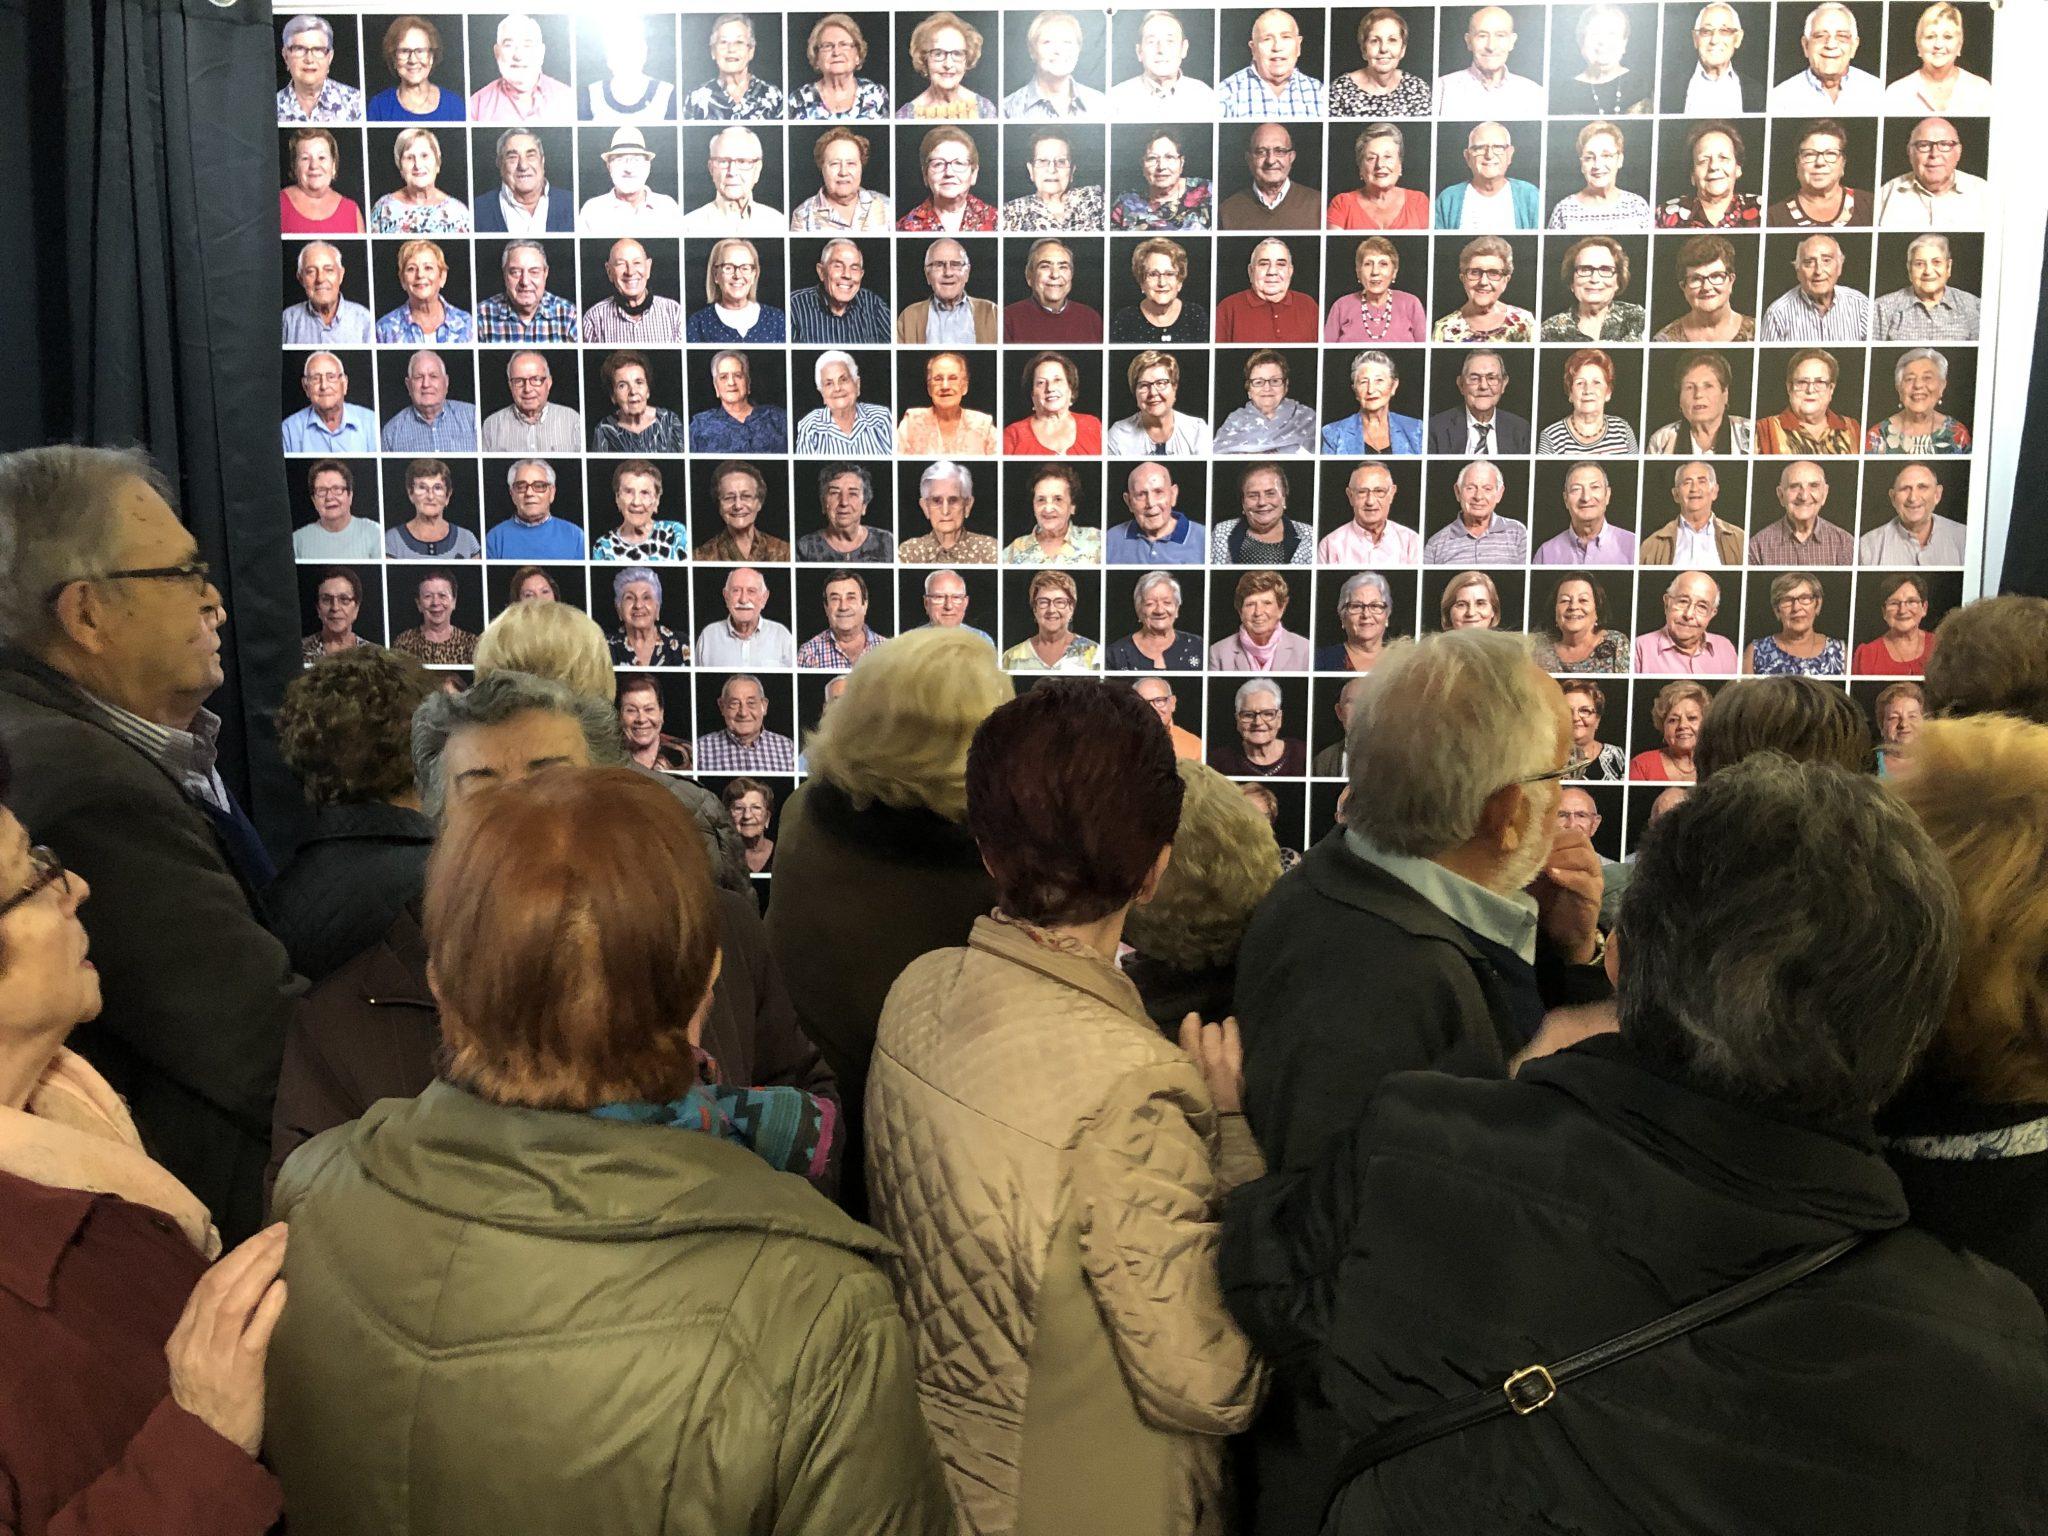 inauguración panel fotográfico retratos Almoines